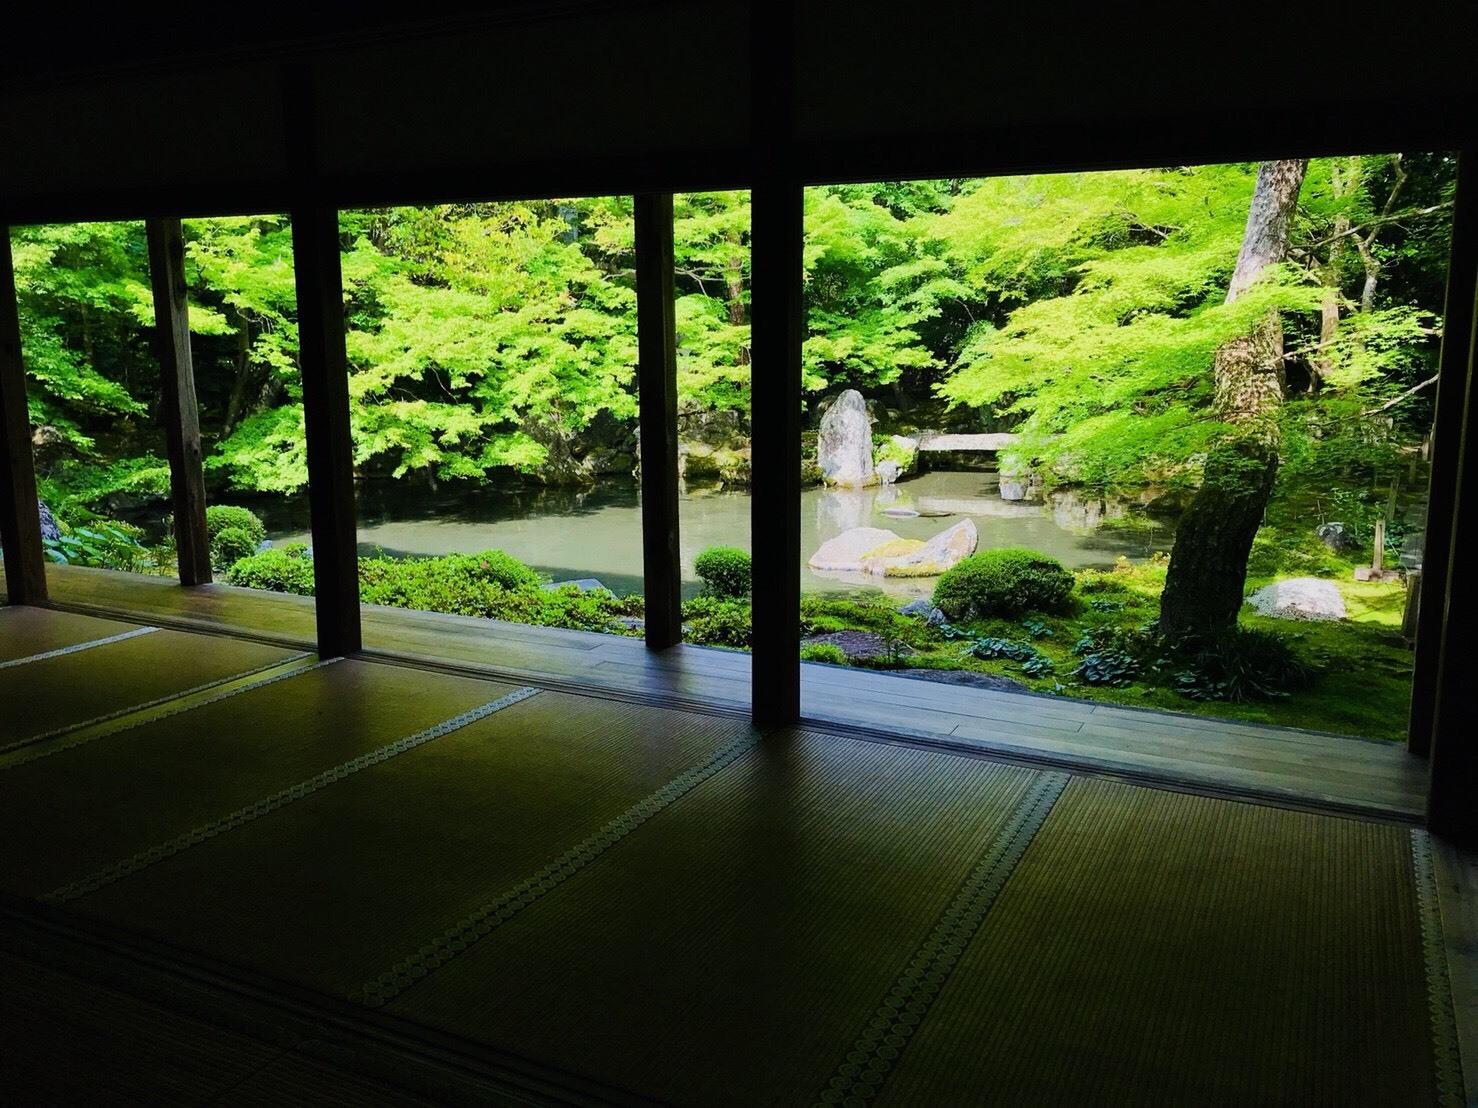 京都シリーズ  悟りの窓の『源光庵』_b0011584_20241086.jpg